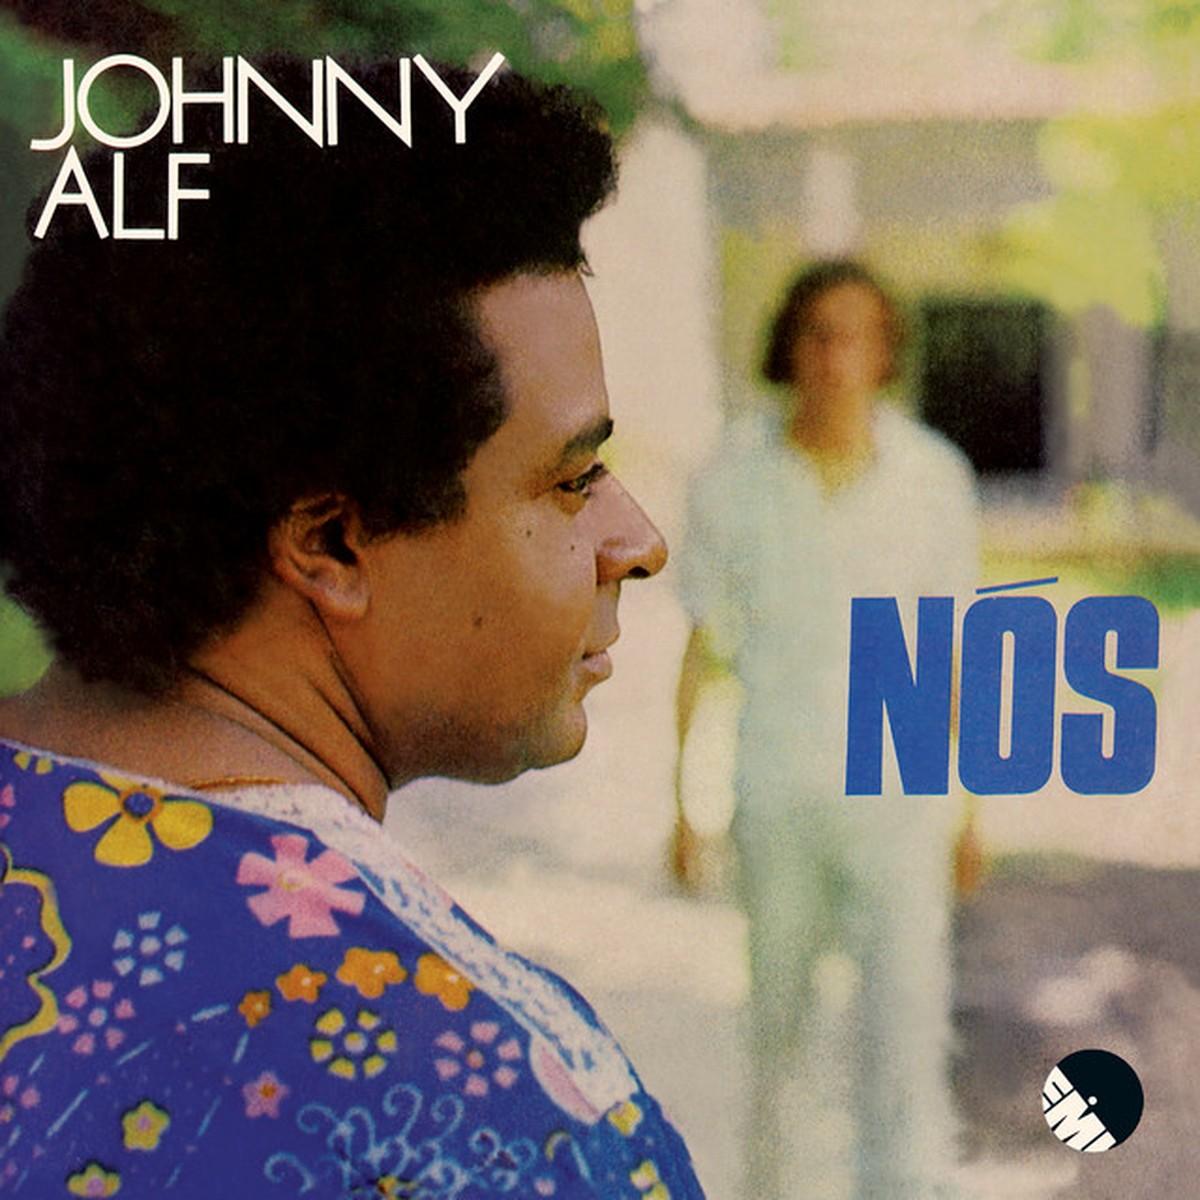 Discos para descobrir em casa – 'Nós', Johnny Alf, 1974 | Blog do Mauro Ferreira